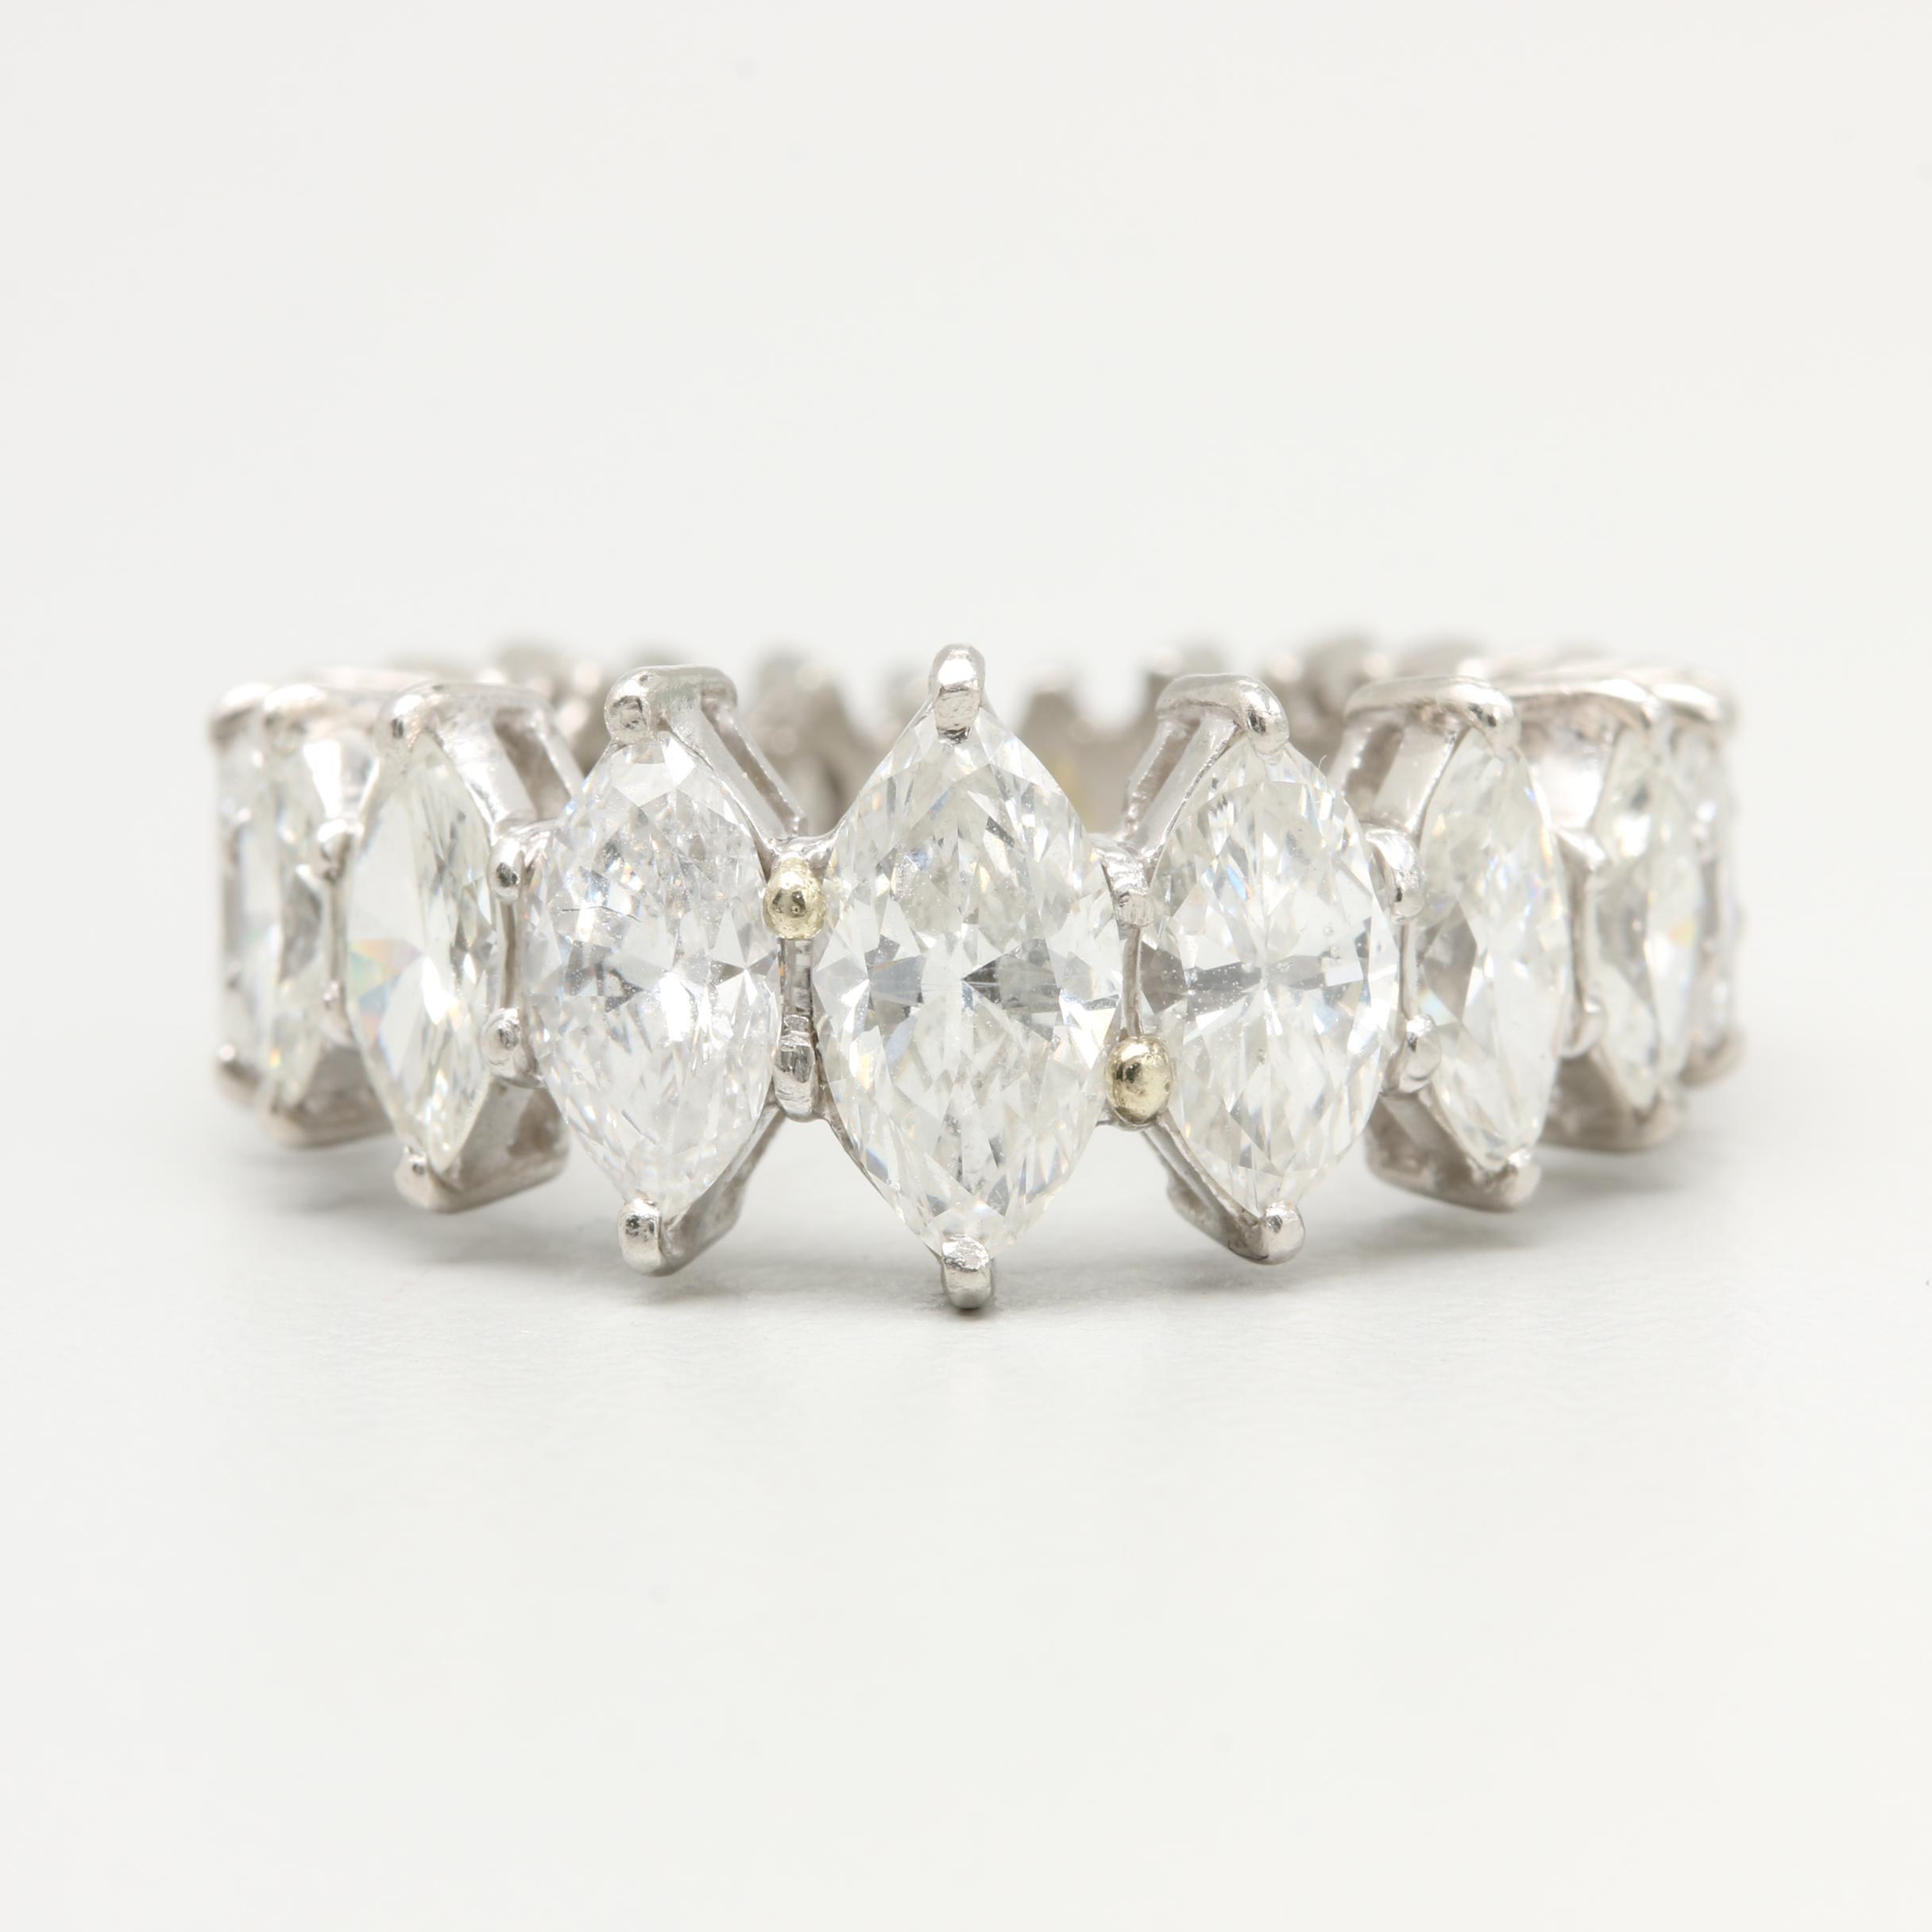 Platinum Palladium Alloy 4.23 CTW Diamond Ring